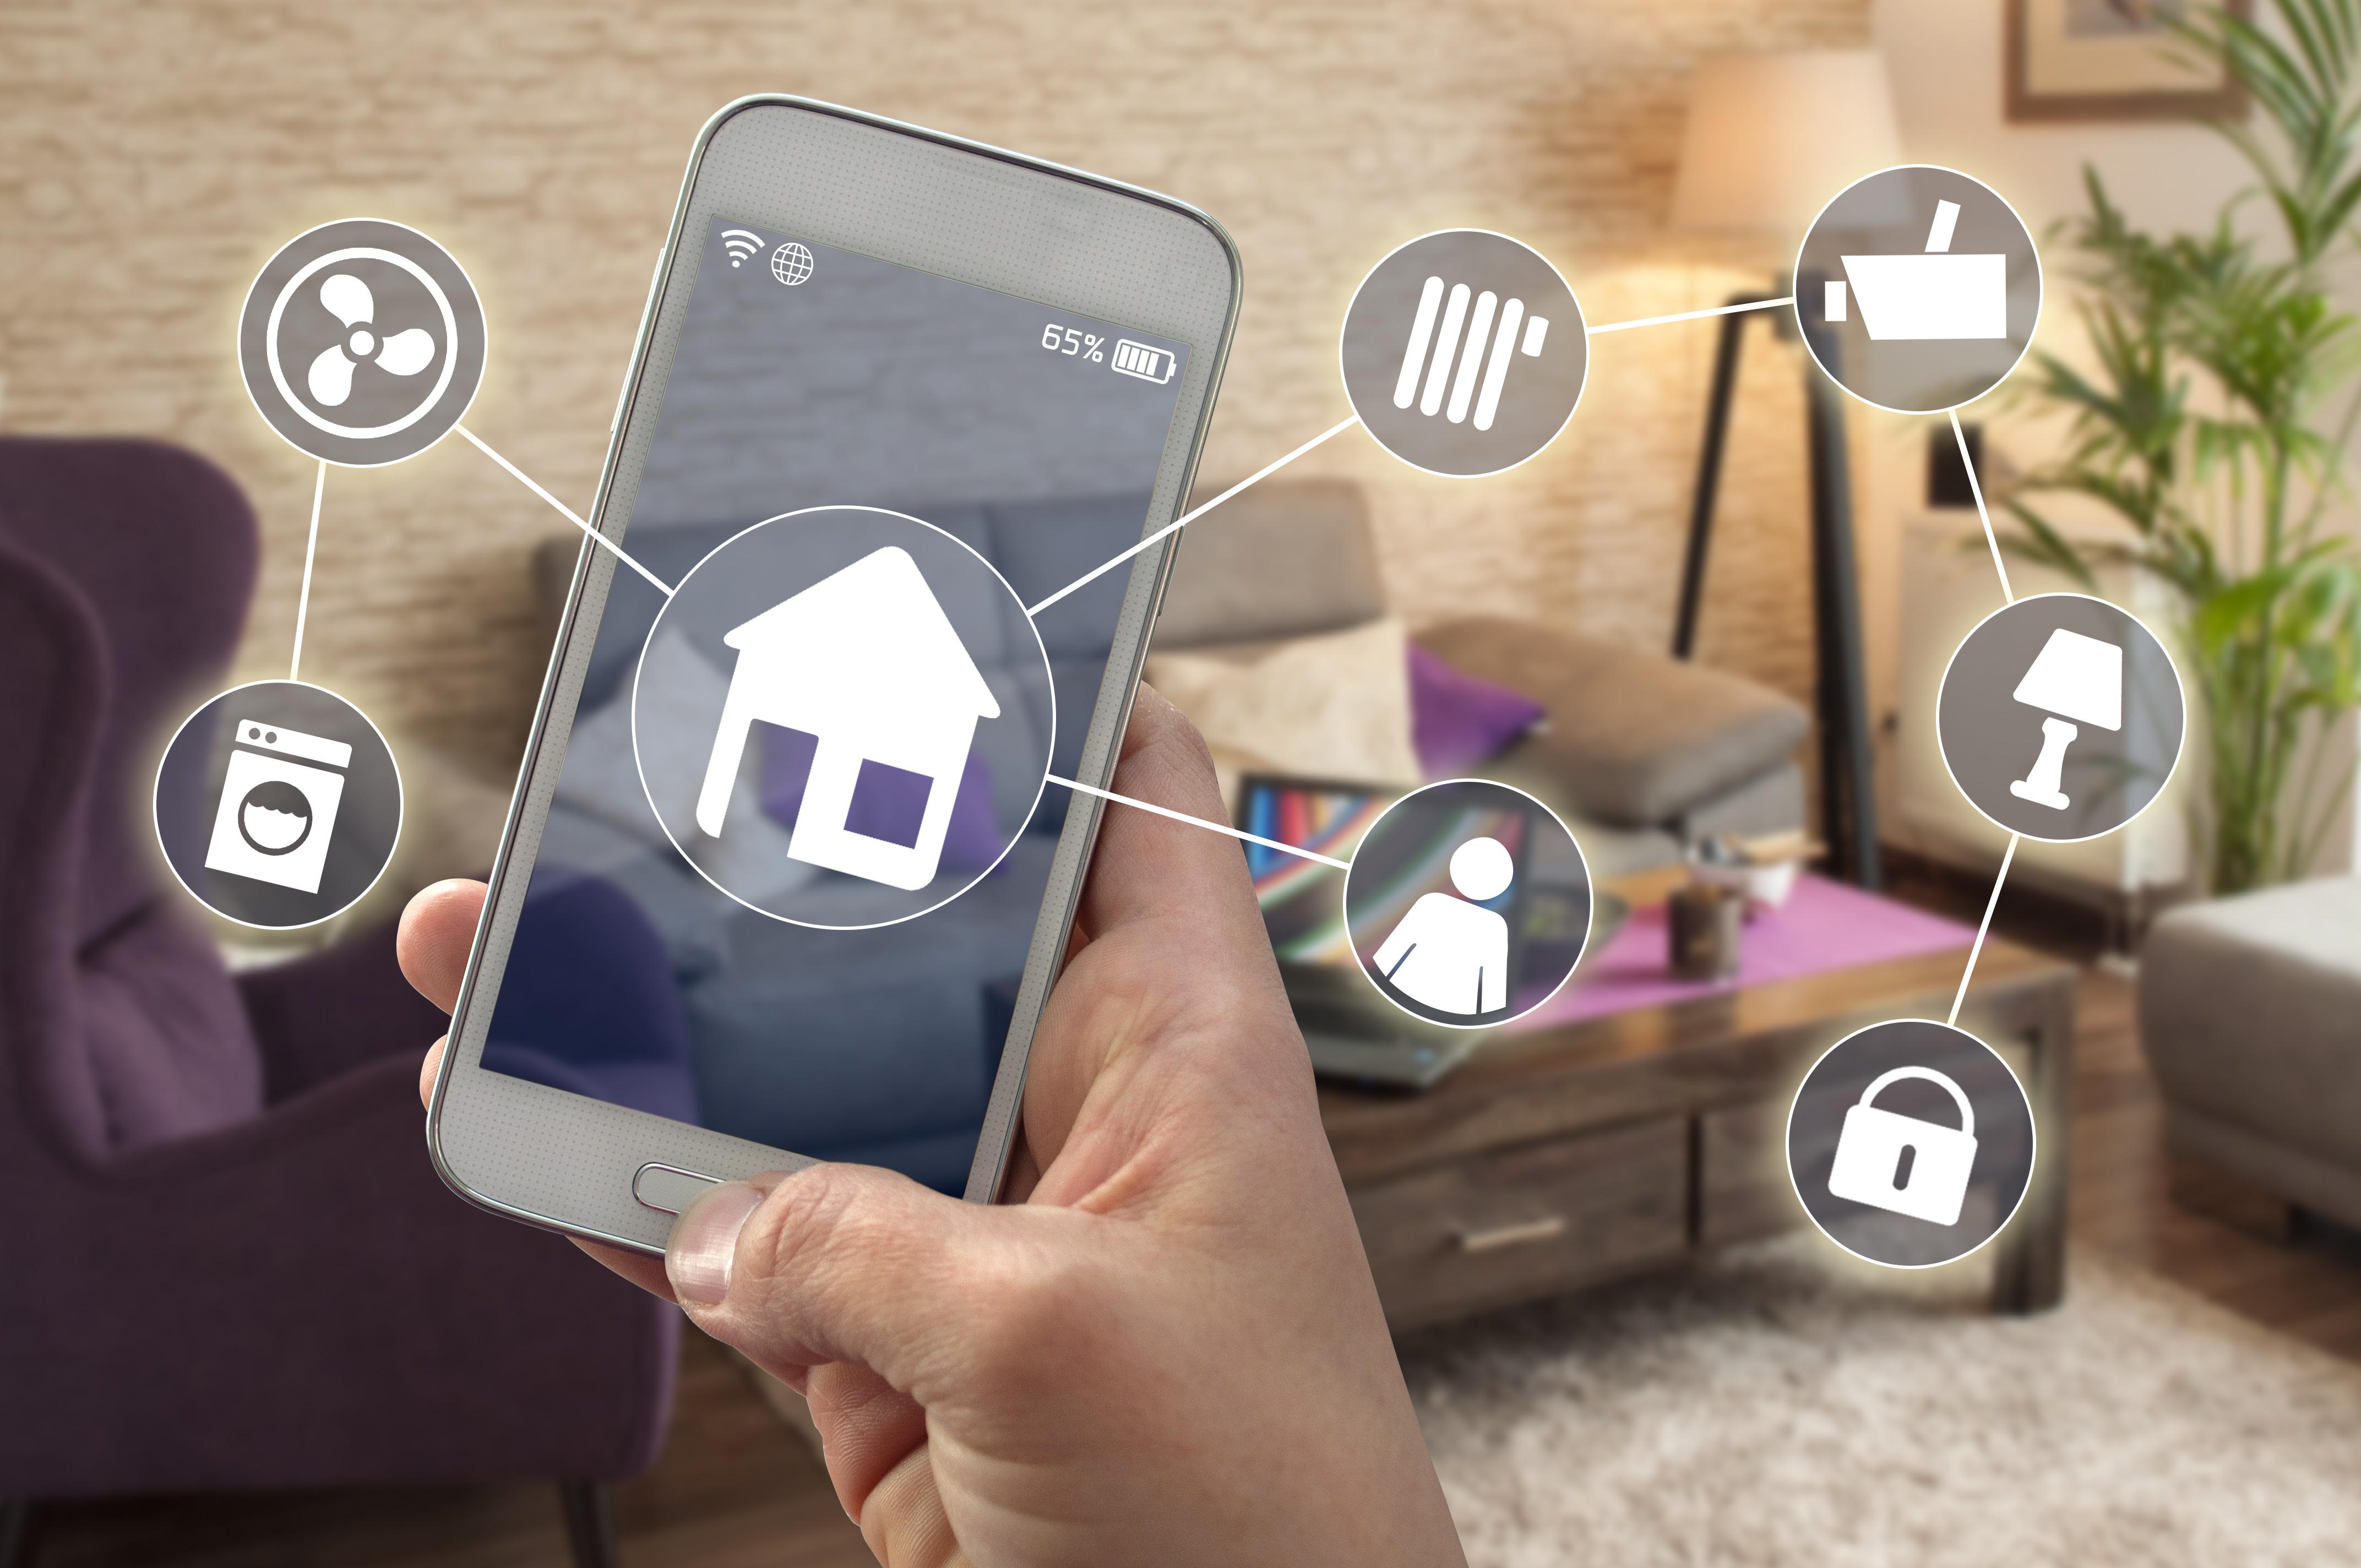 Smartphone in einem Wohnzimmer mit Icons für Haus, Waschmashine Heizung, Ventilator usw.